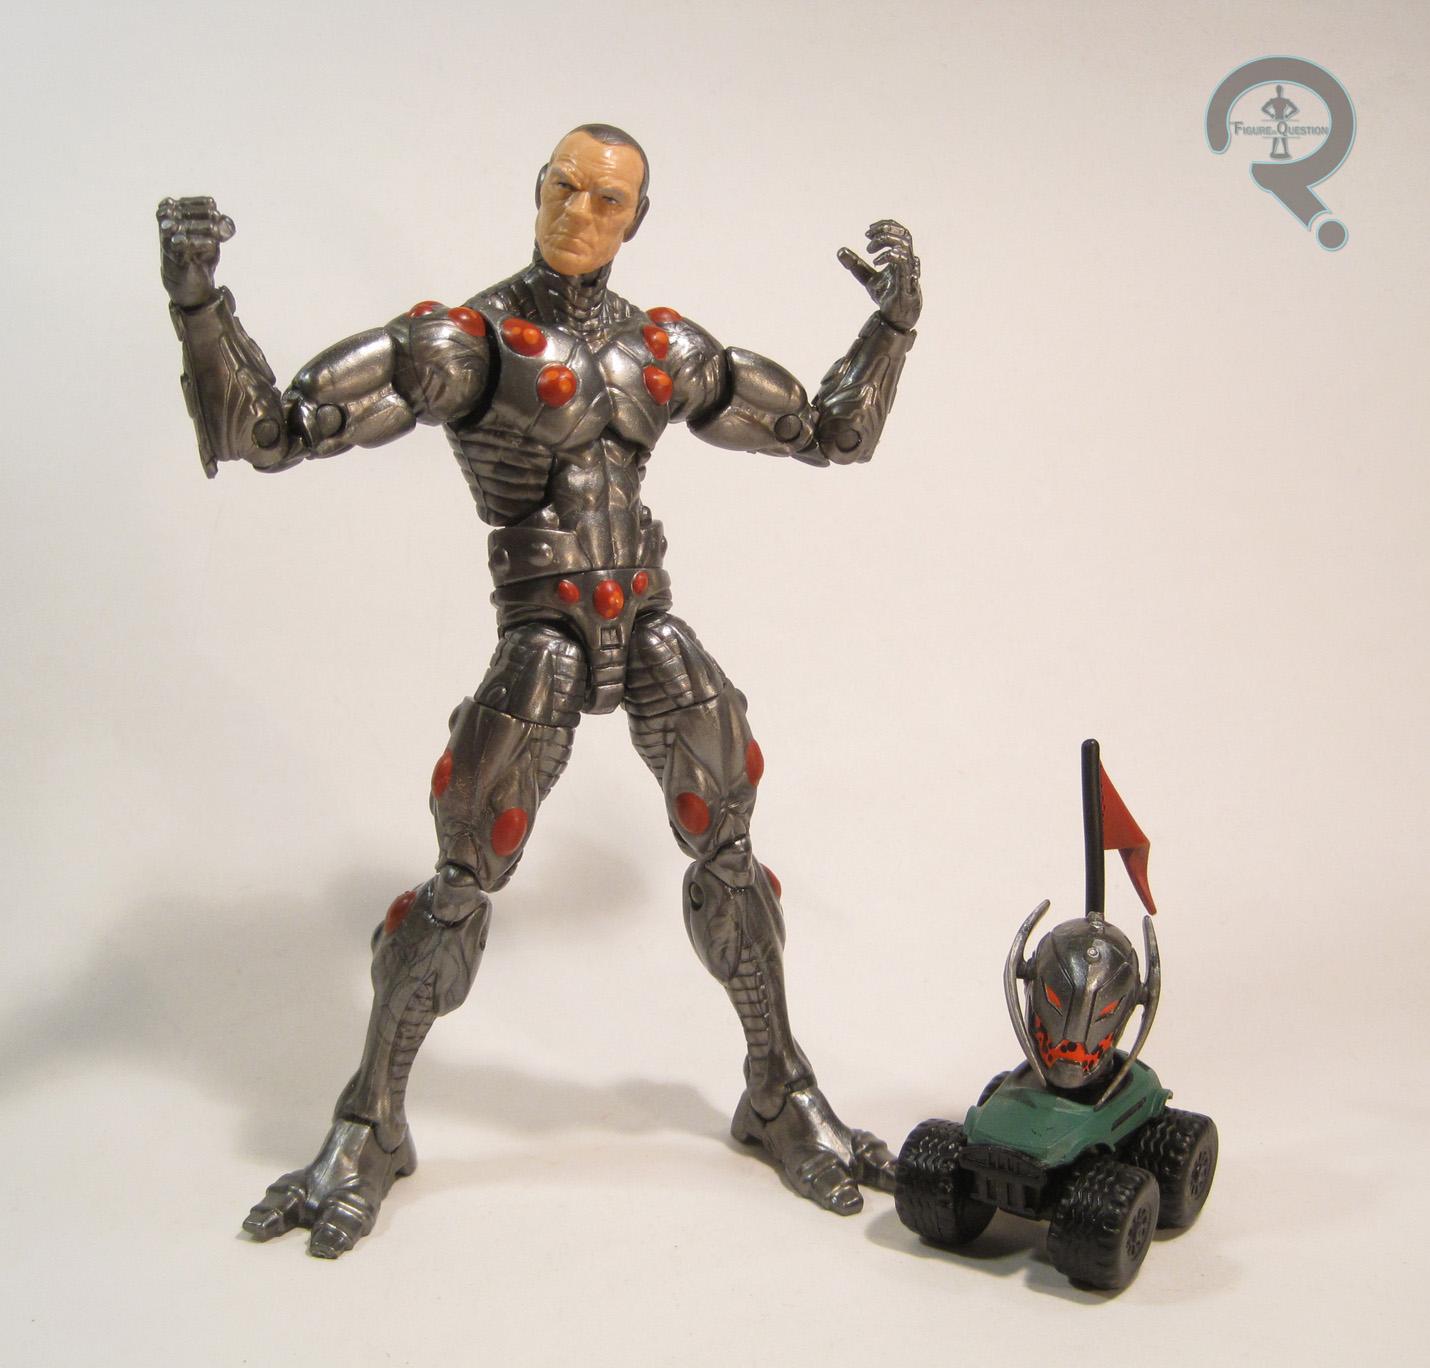 I Marvel Legends Hasbro Absorbing Man BAF Series Jack O/' Lantern Action Figure